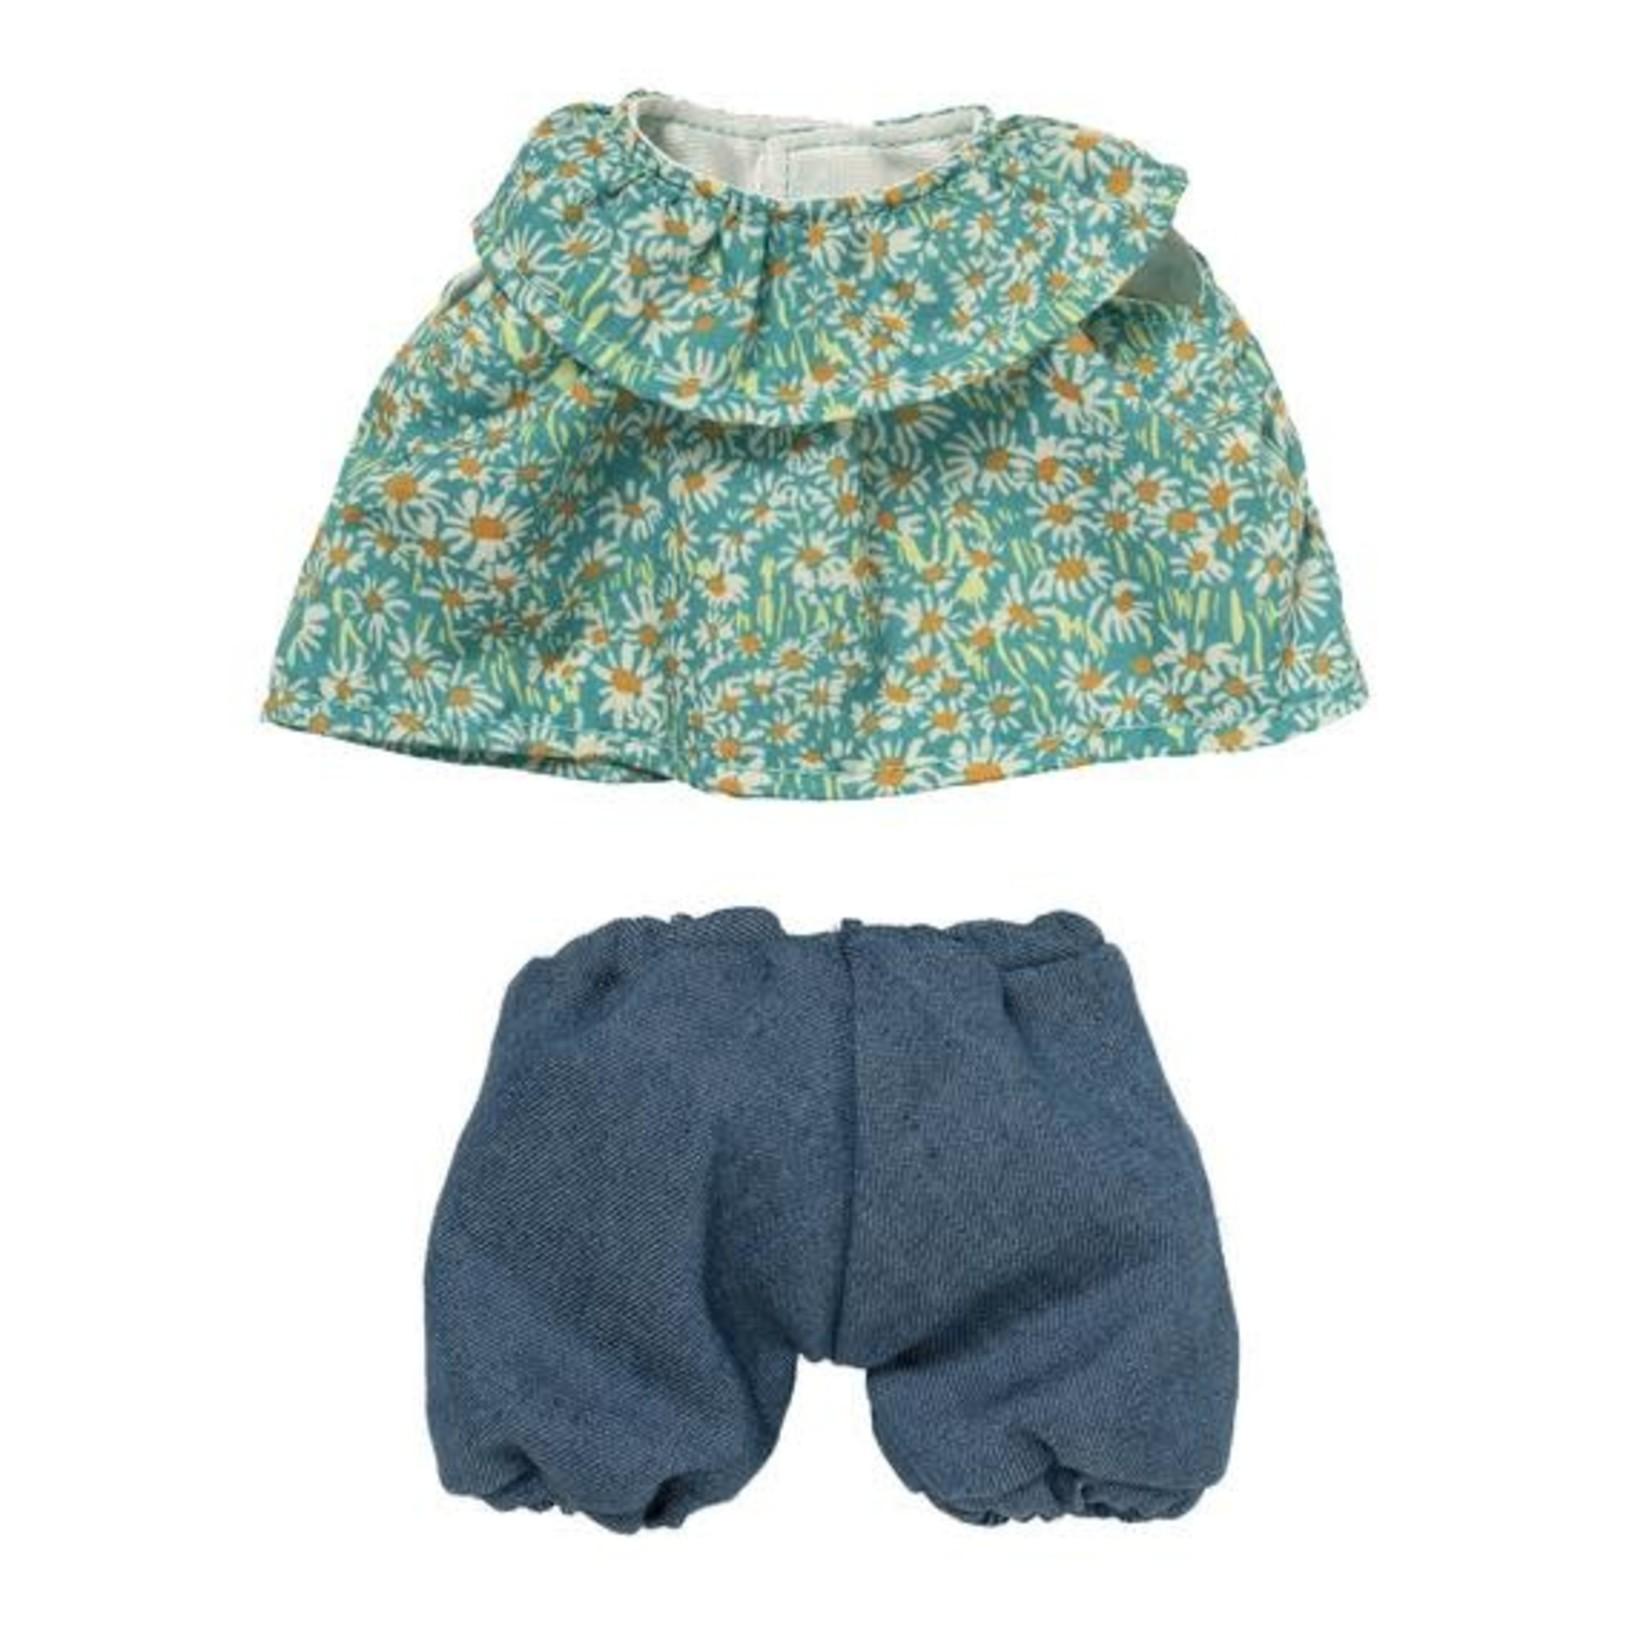 Manhattan Toy Wee Baby Stella - Garden Play Outfit